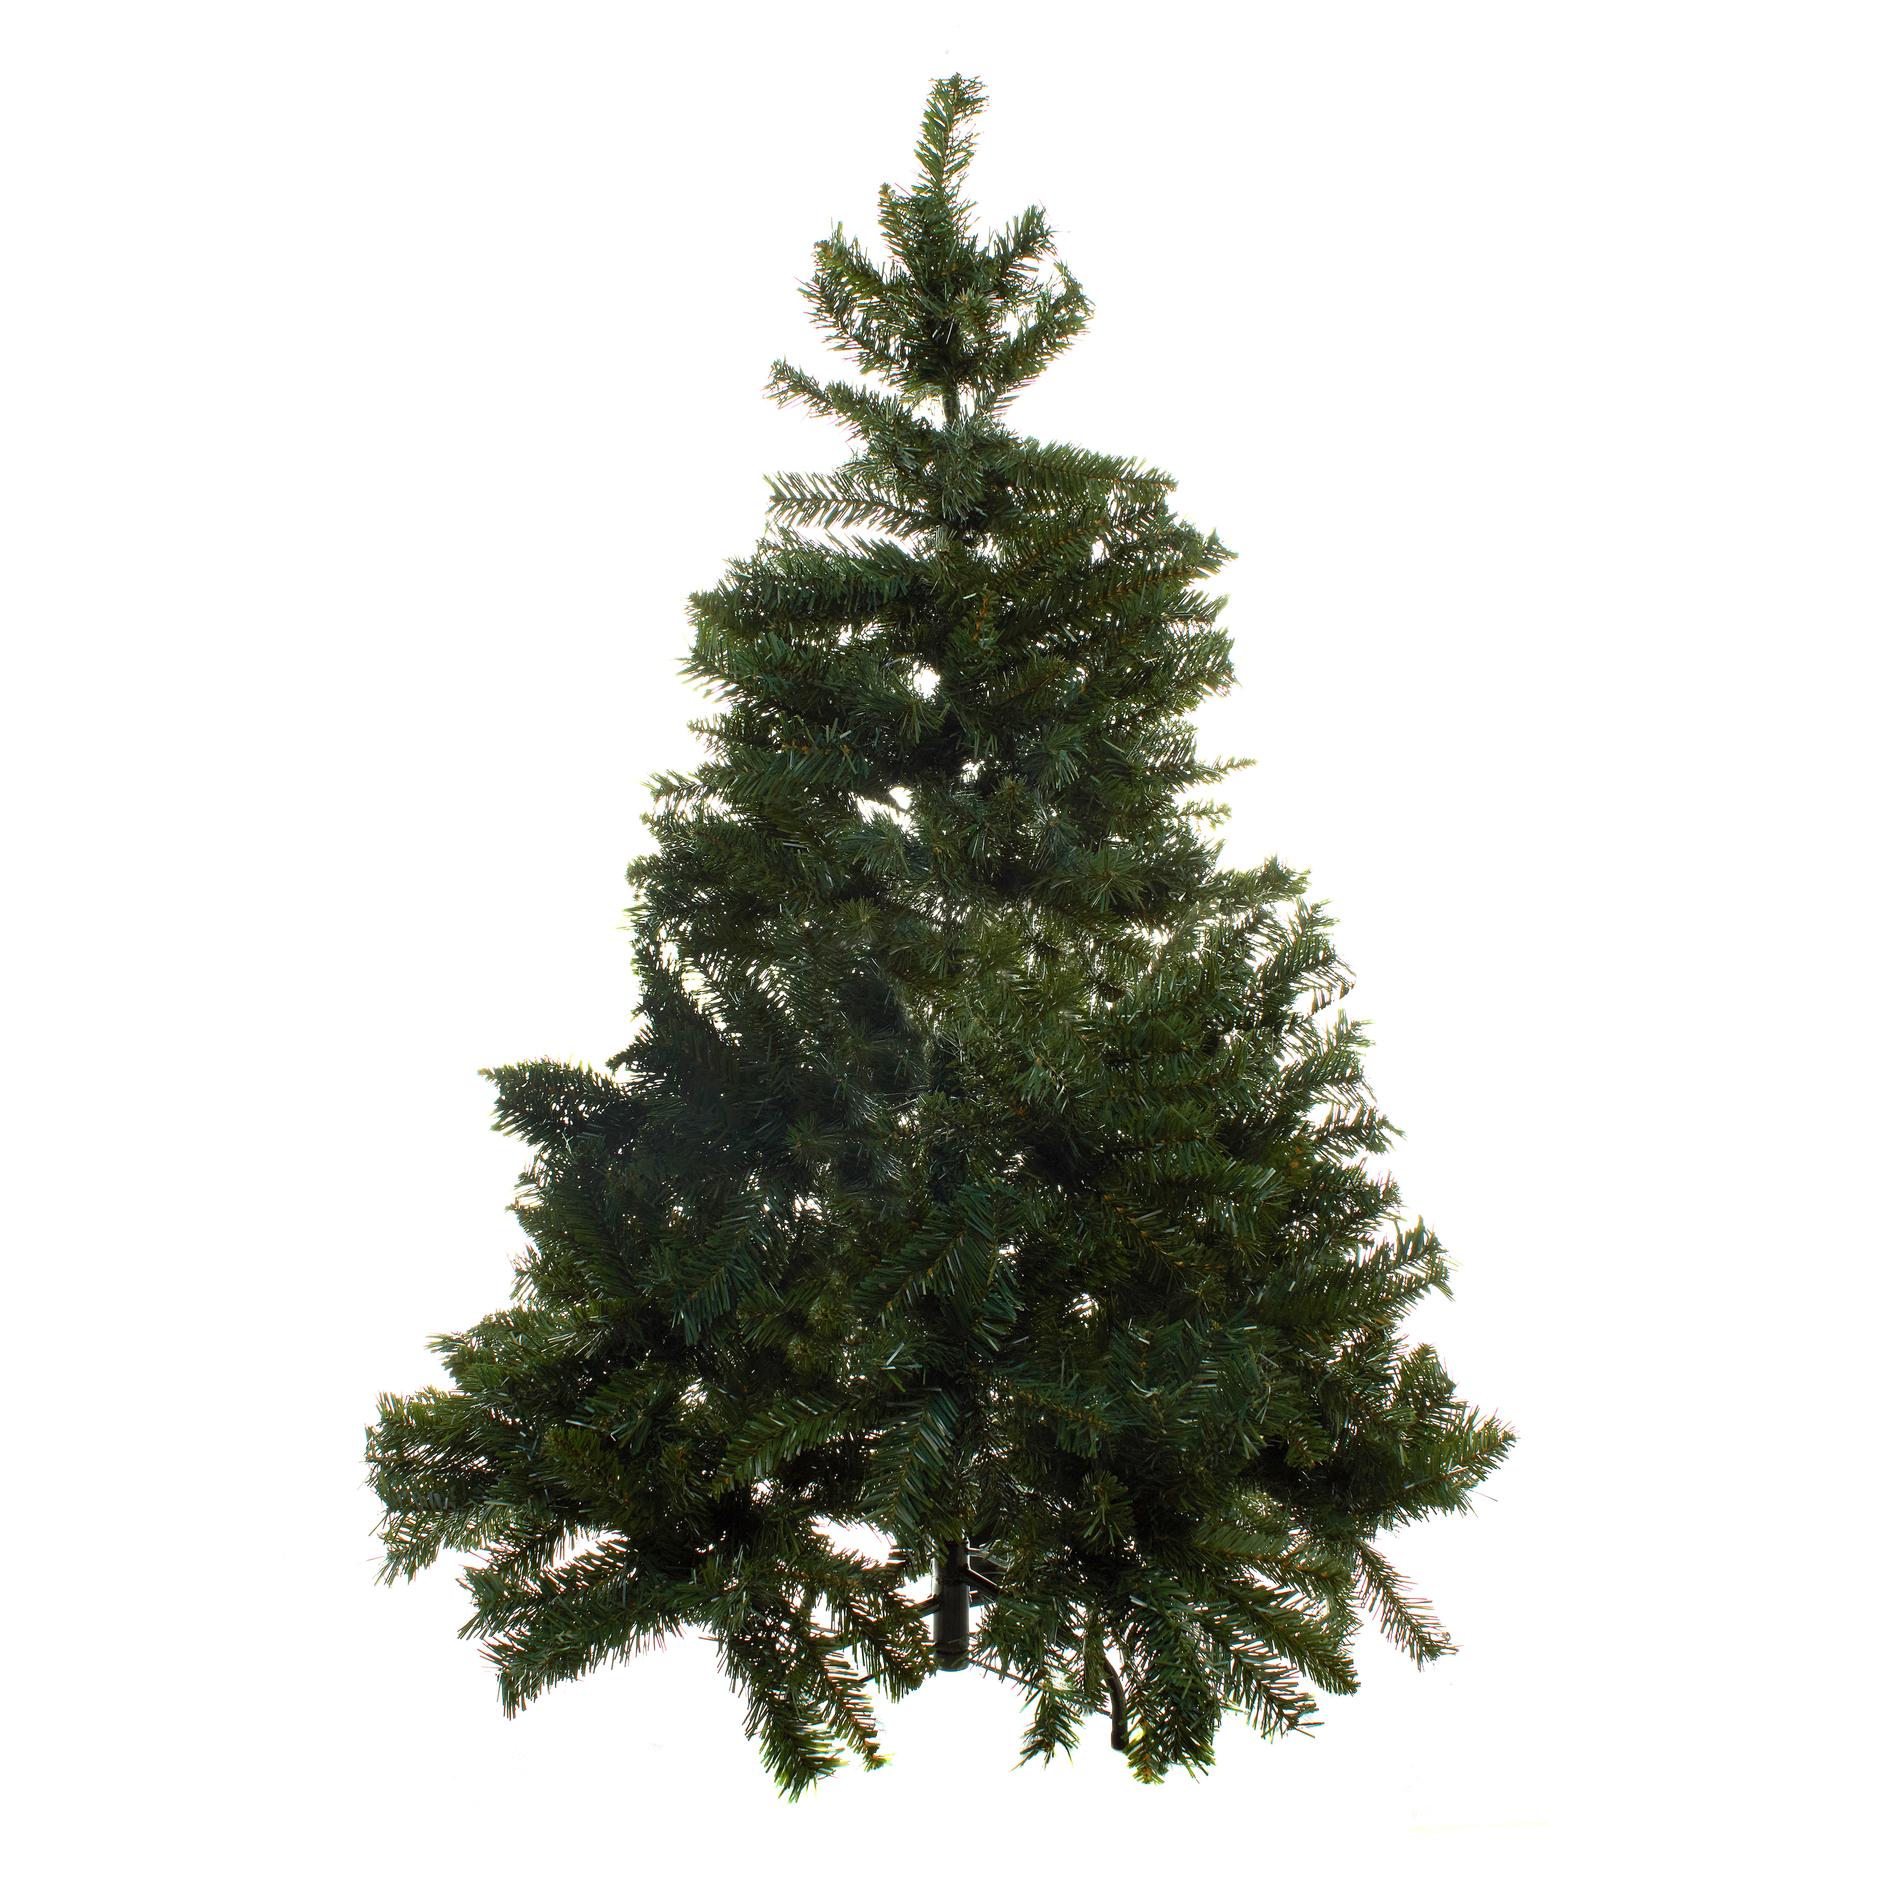 Albero di natale canada con rami folti h135 cm coincasa for Obi albero di natale